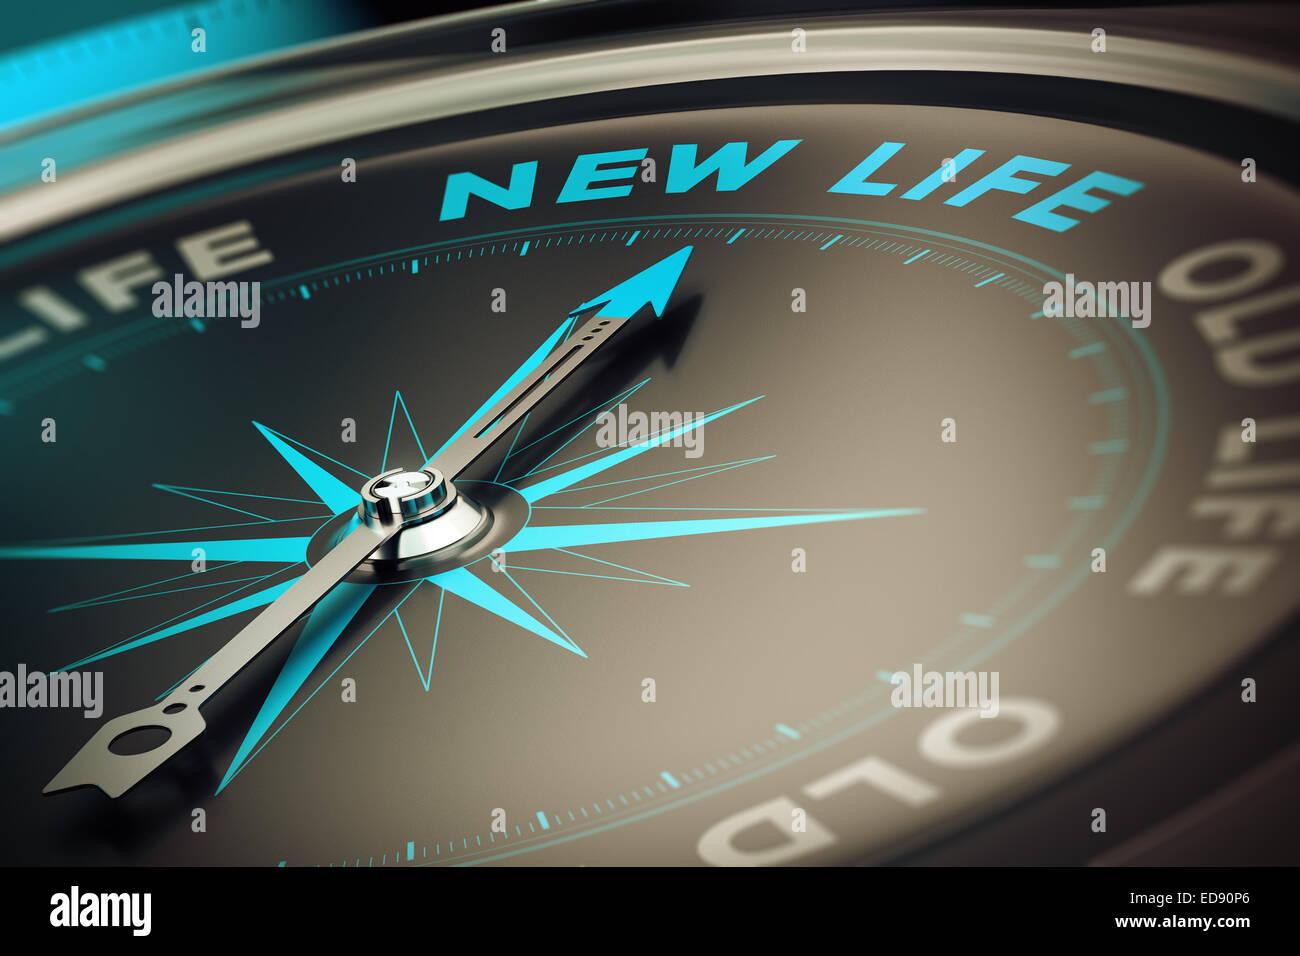 Kompass mit Nadel zeigt das Wort neues Leben, Konzept-Bild zu ändern Motivation Konzept veranschaulichen. Stockbild